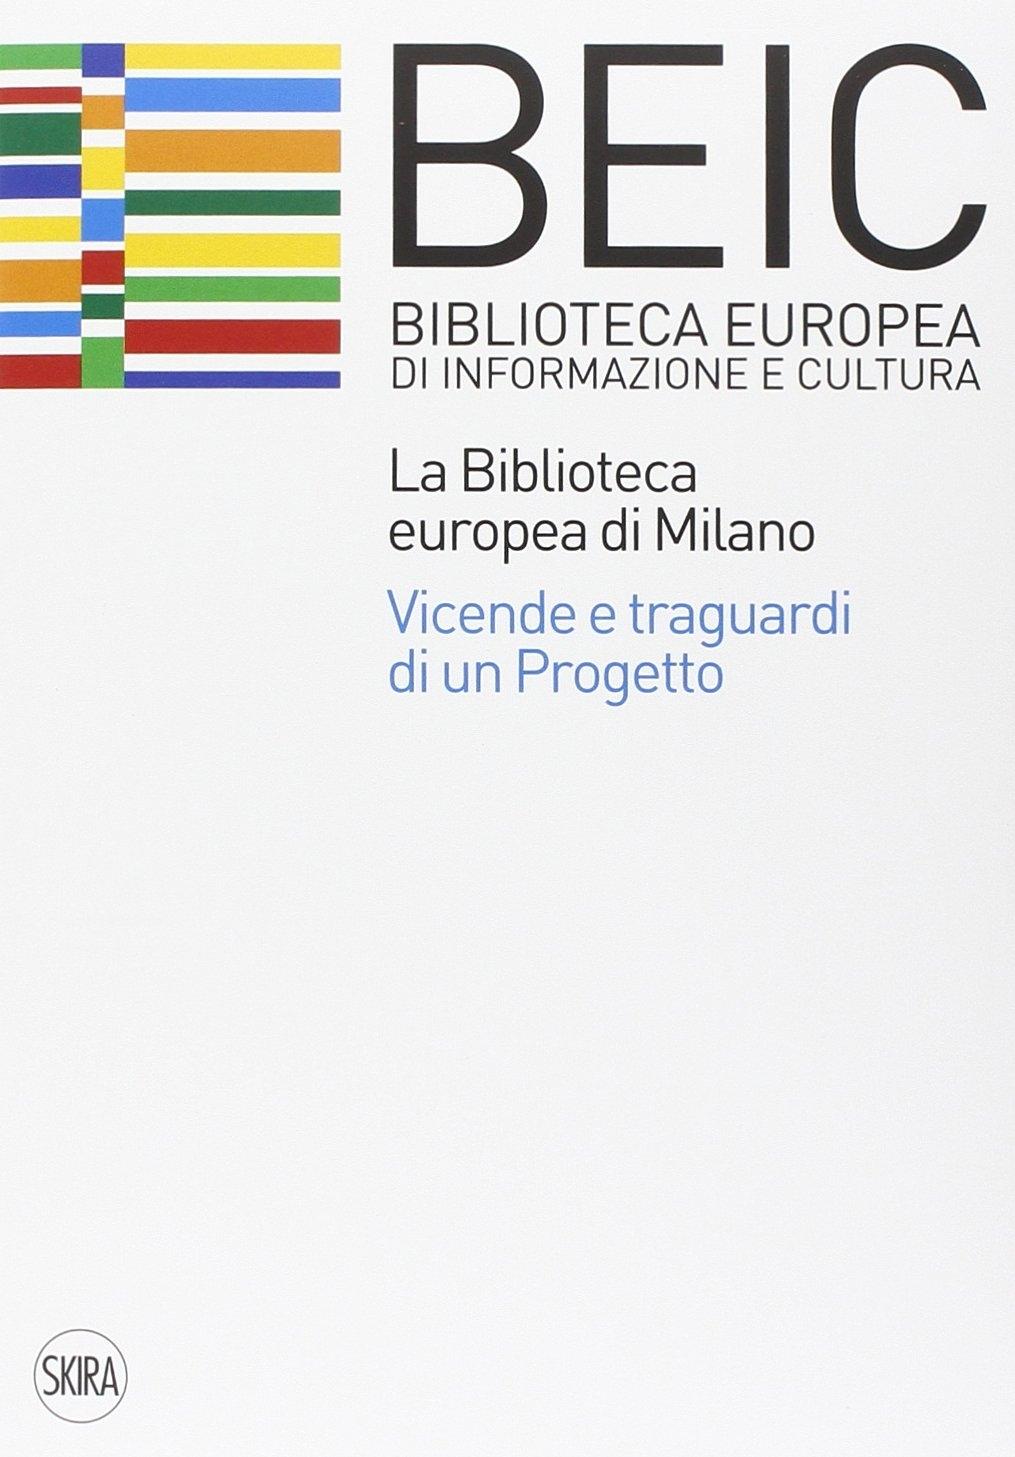 La biblioteca europea di Milano (BEIC)